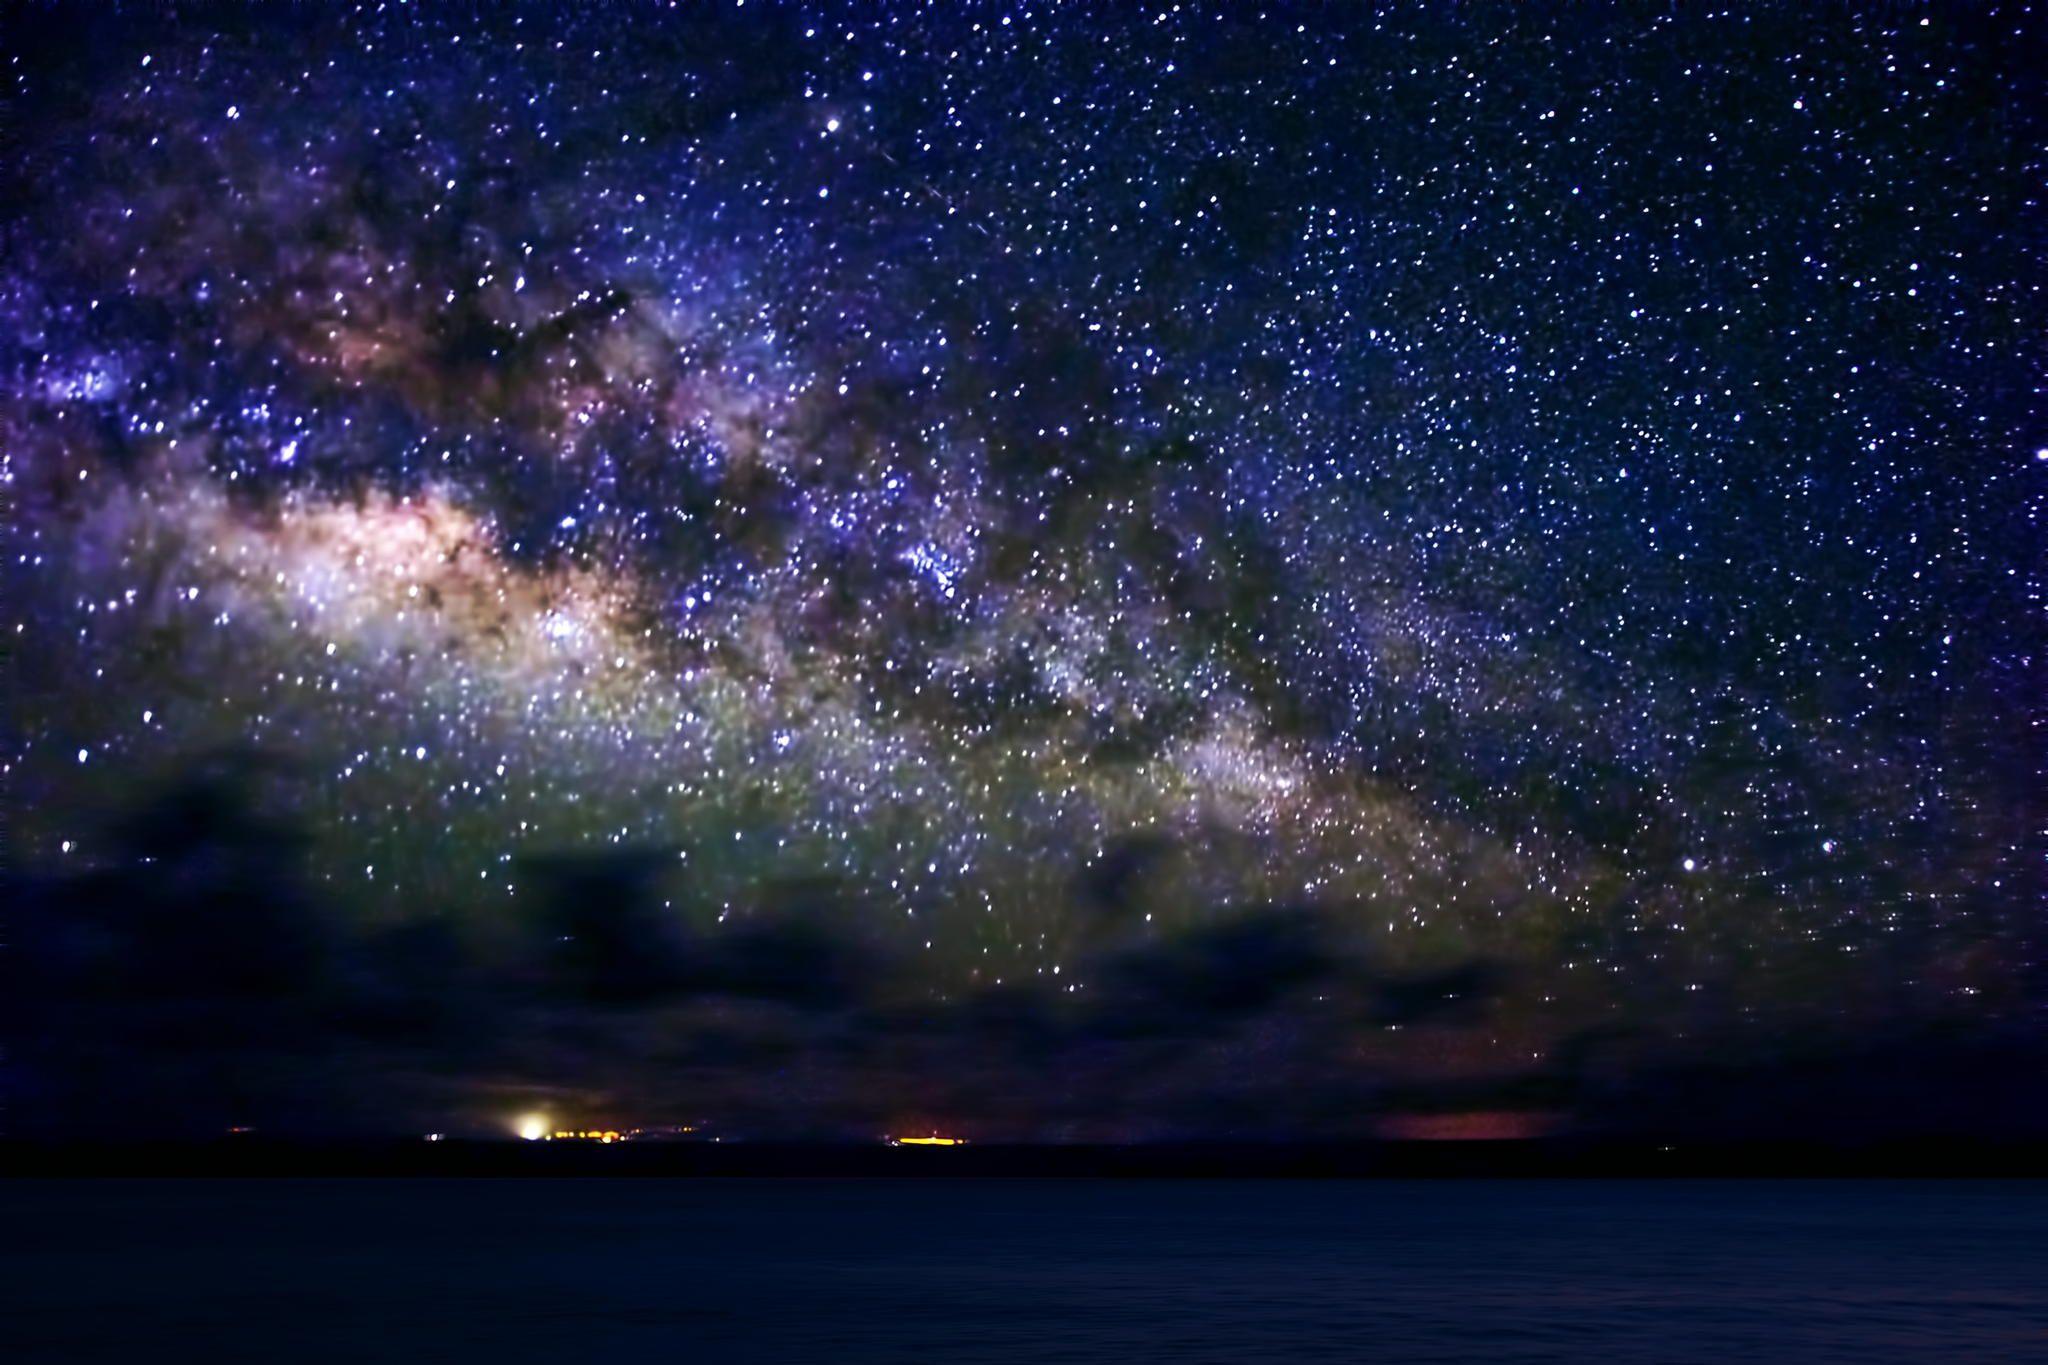 Maui Milky Way by Pretzel Logic on 500px